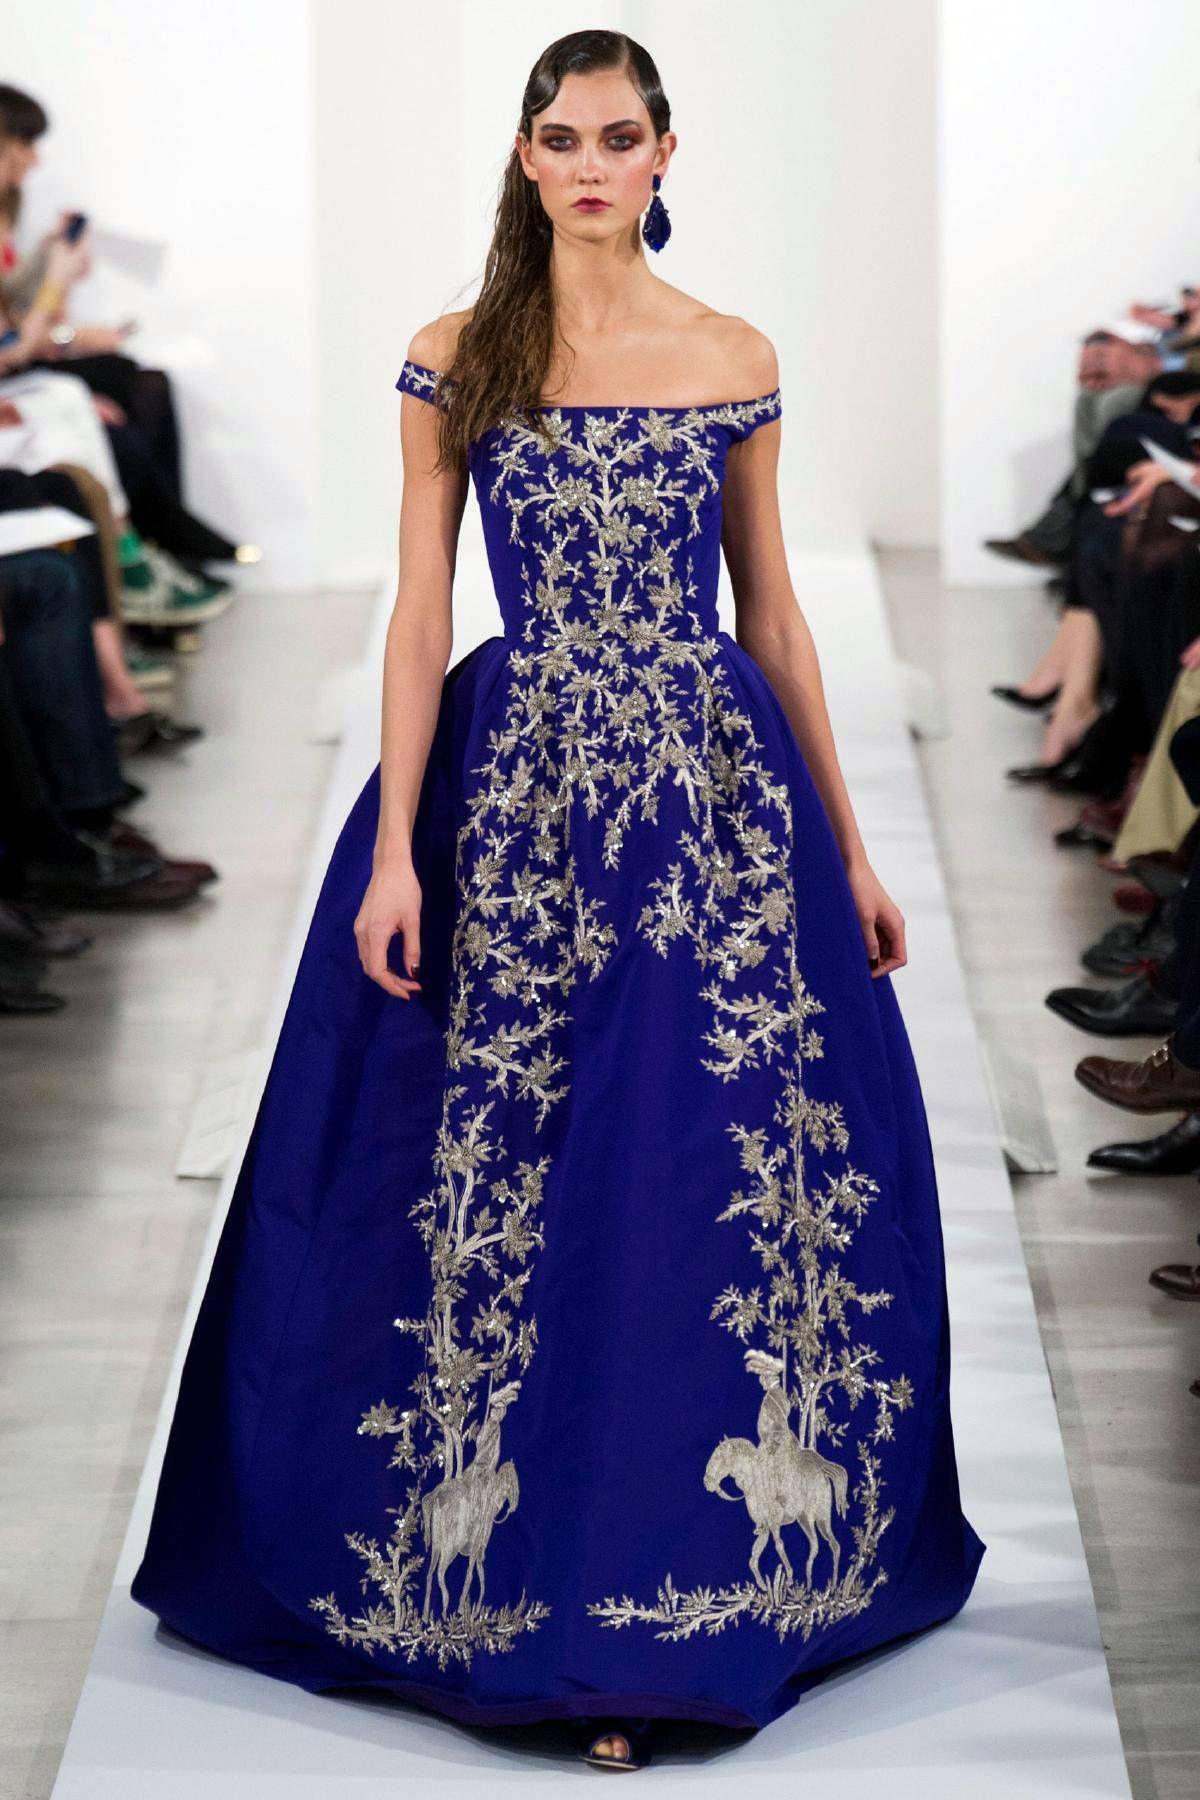 Oscar de la Renta finale look, blue and silver embroidery